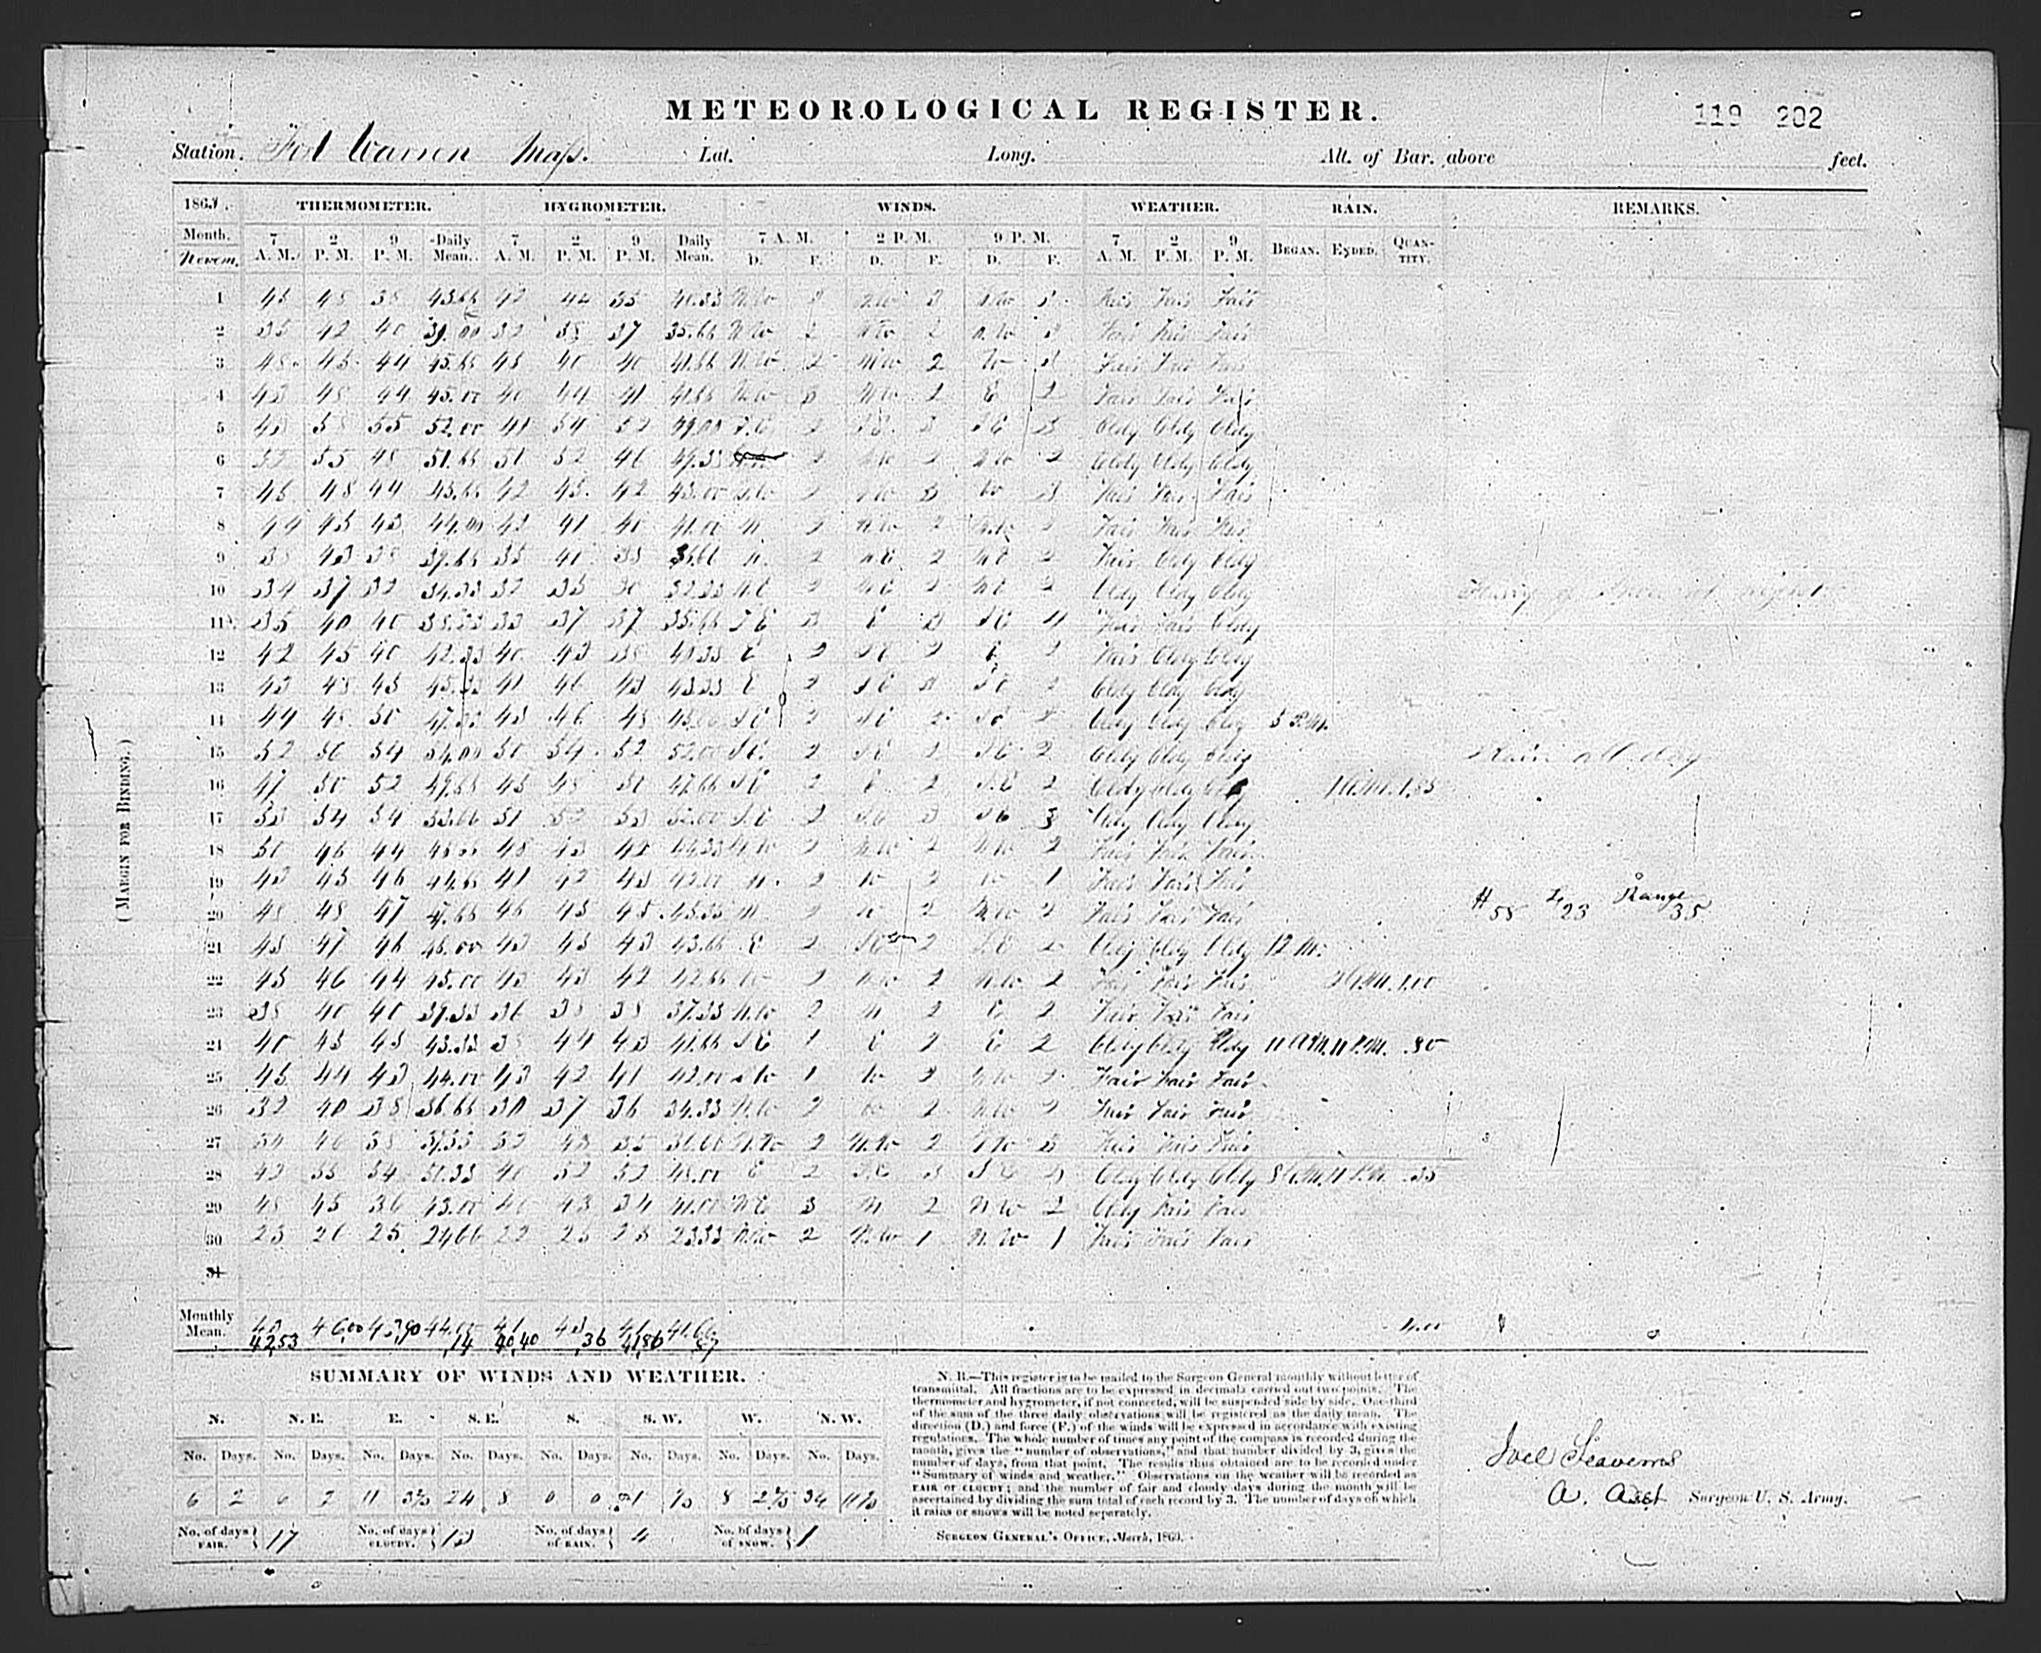 Image of the Fort Warren, Massachusetts, November 1863 Meteorological Observation Form